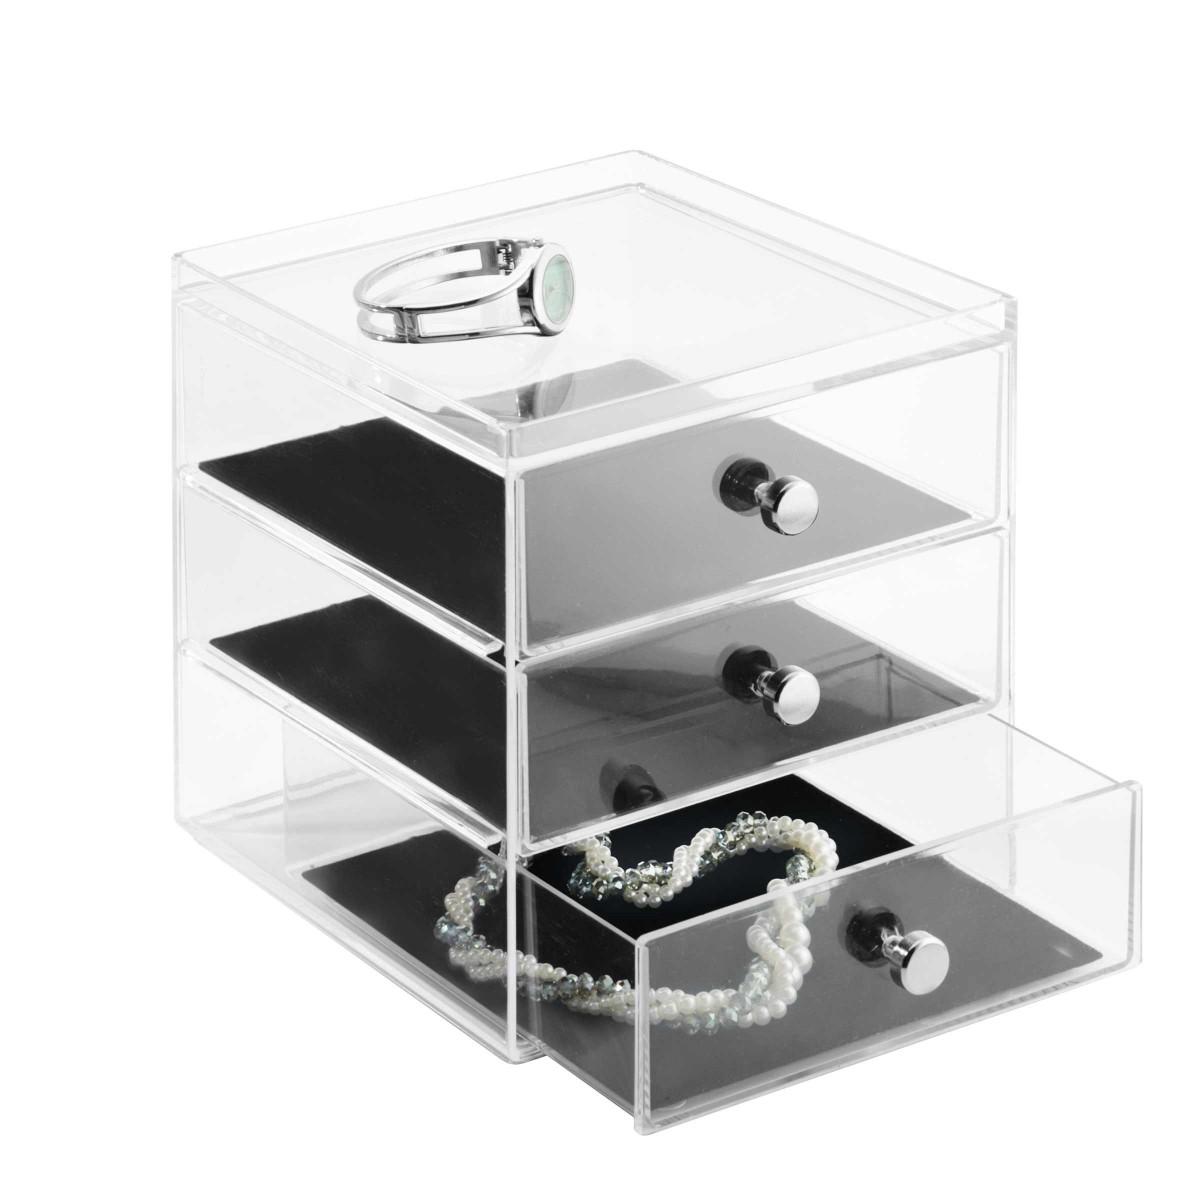 Bo te bijoux 3 tiroirs en acrylique - Boite acrylique transparente ...